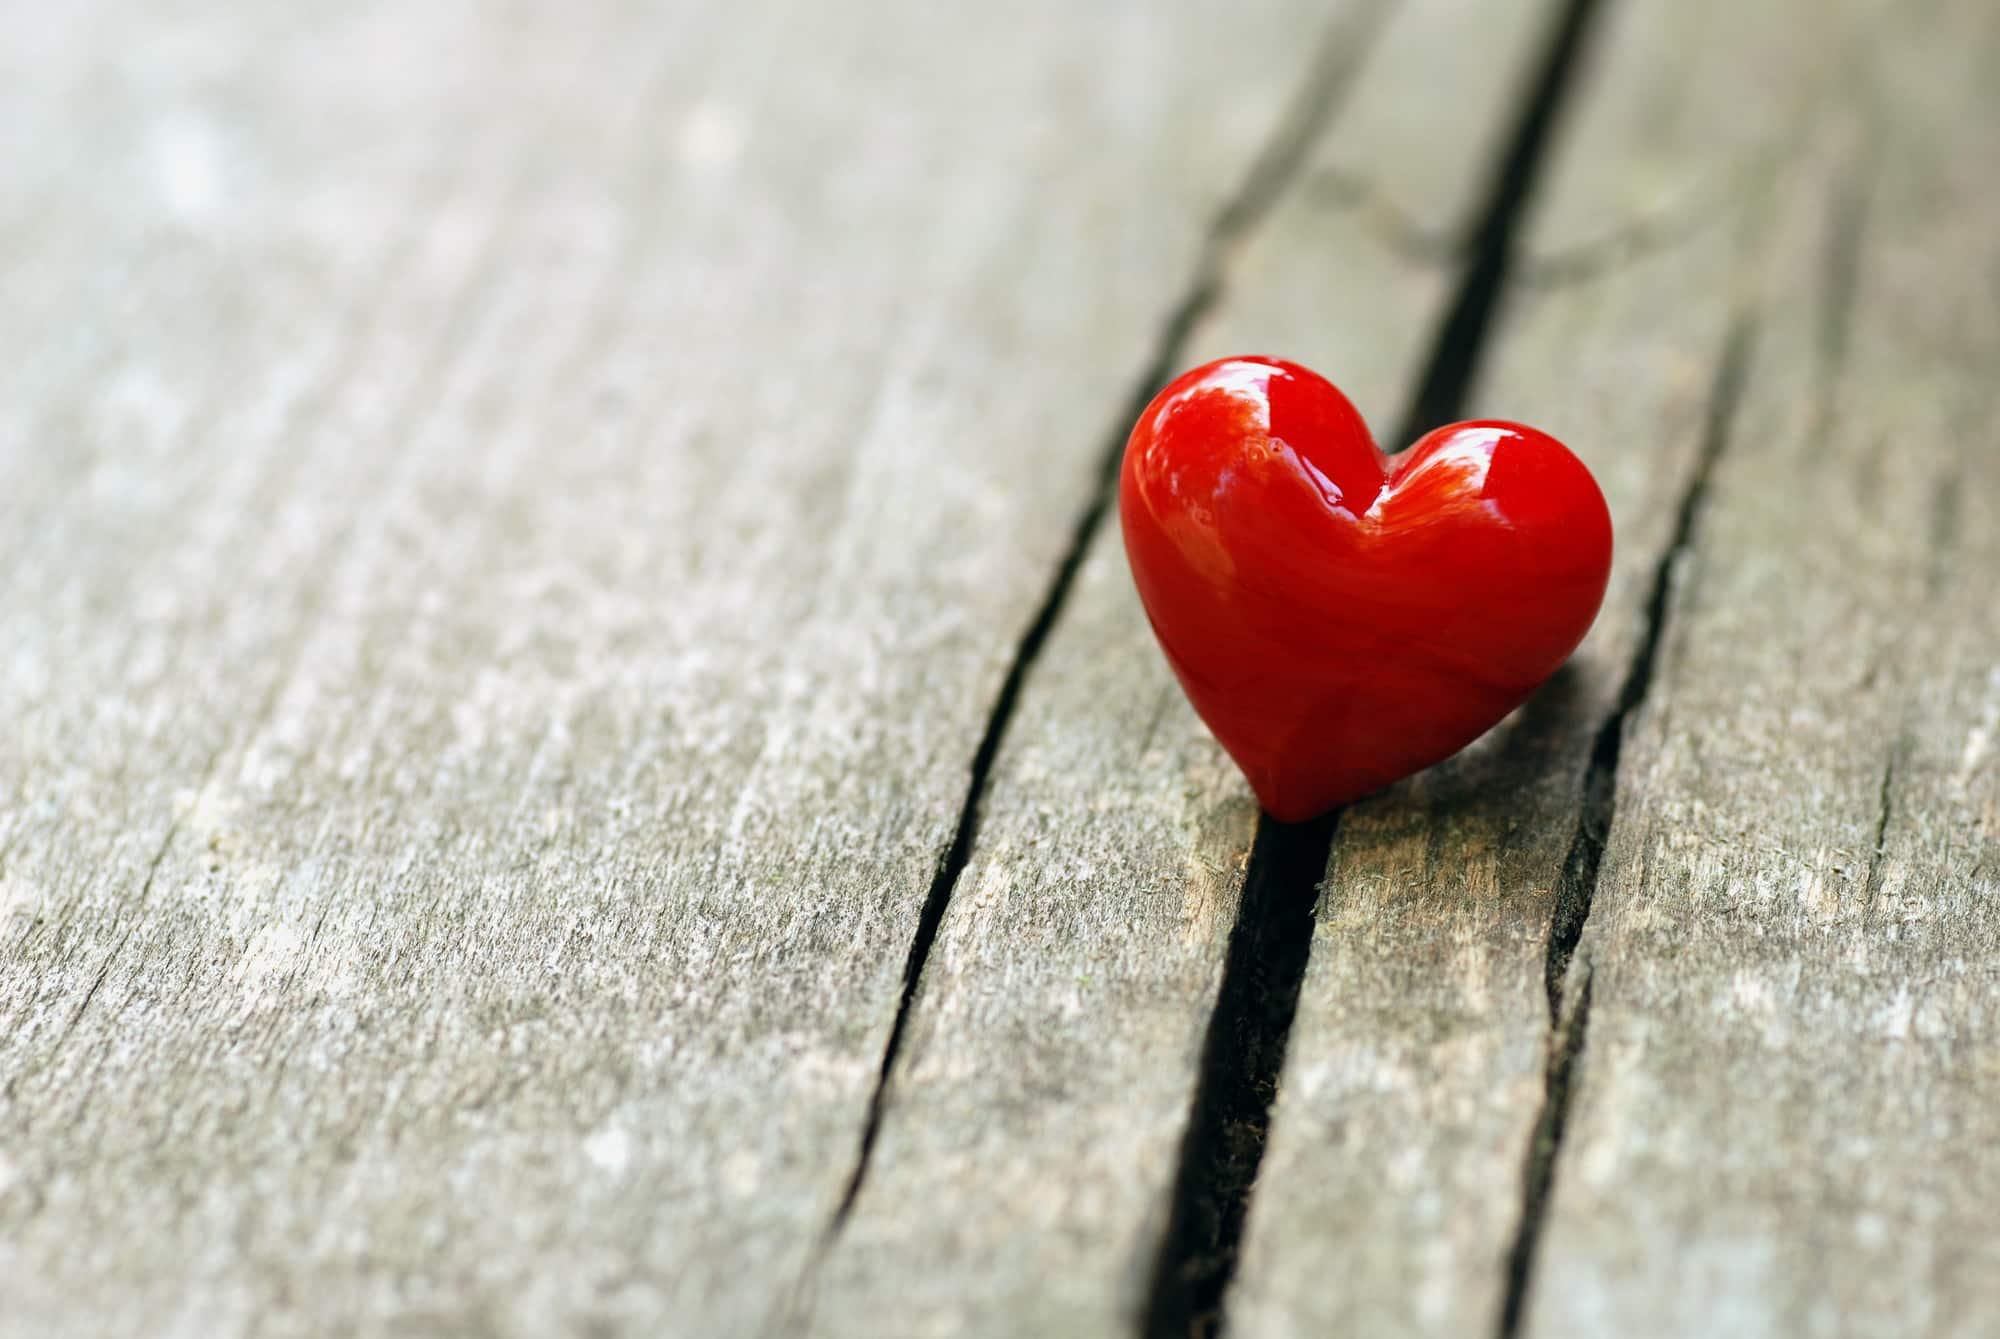 Text um jemanden zu sagen wie sehr man ihn liebt